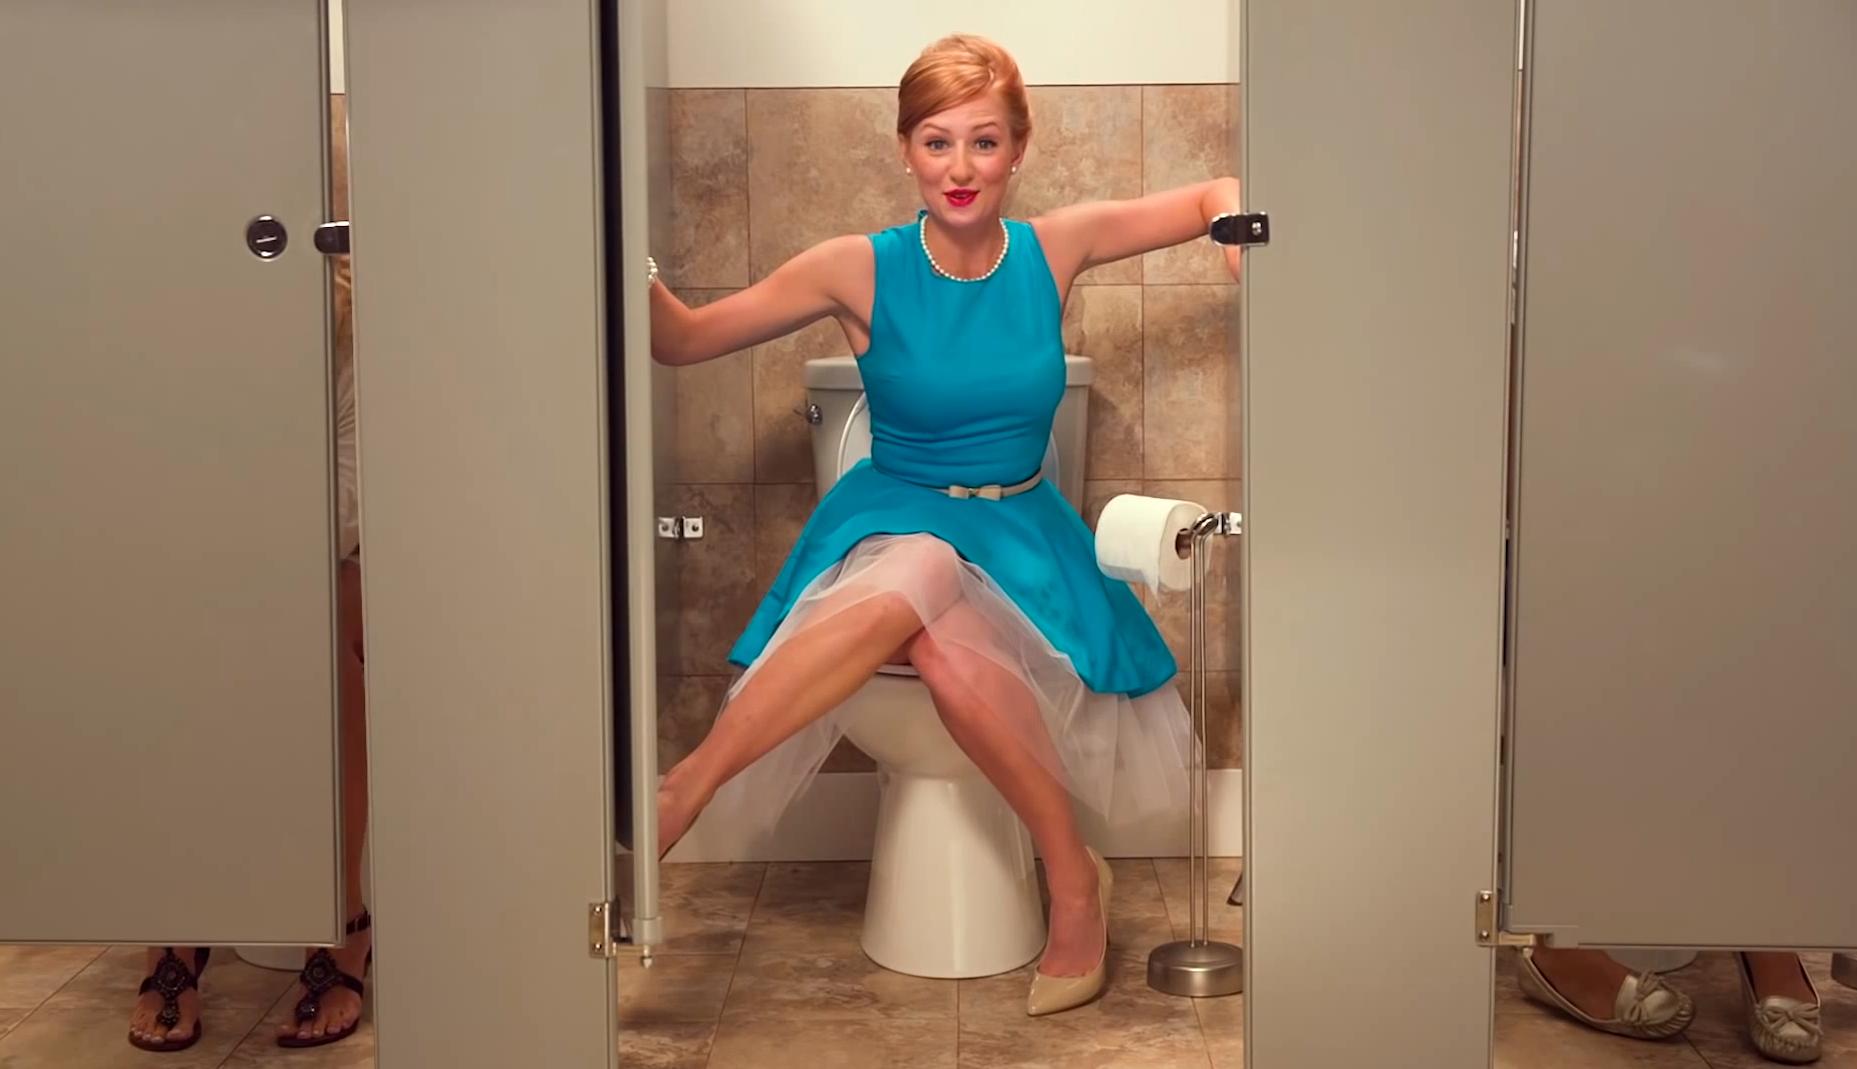 Секс в толчке онлайн, В туалете - Смотреть порно онлайн, секс видео бесплатно 29 фотография